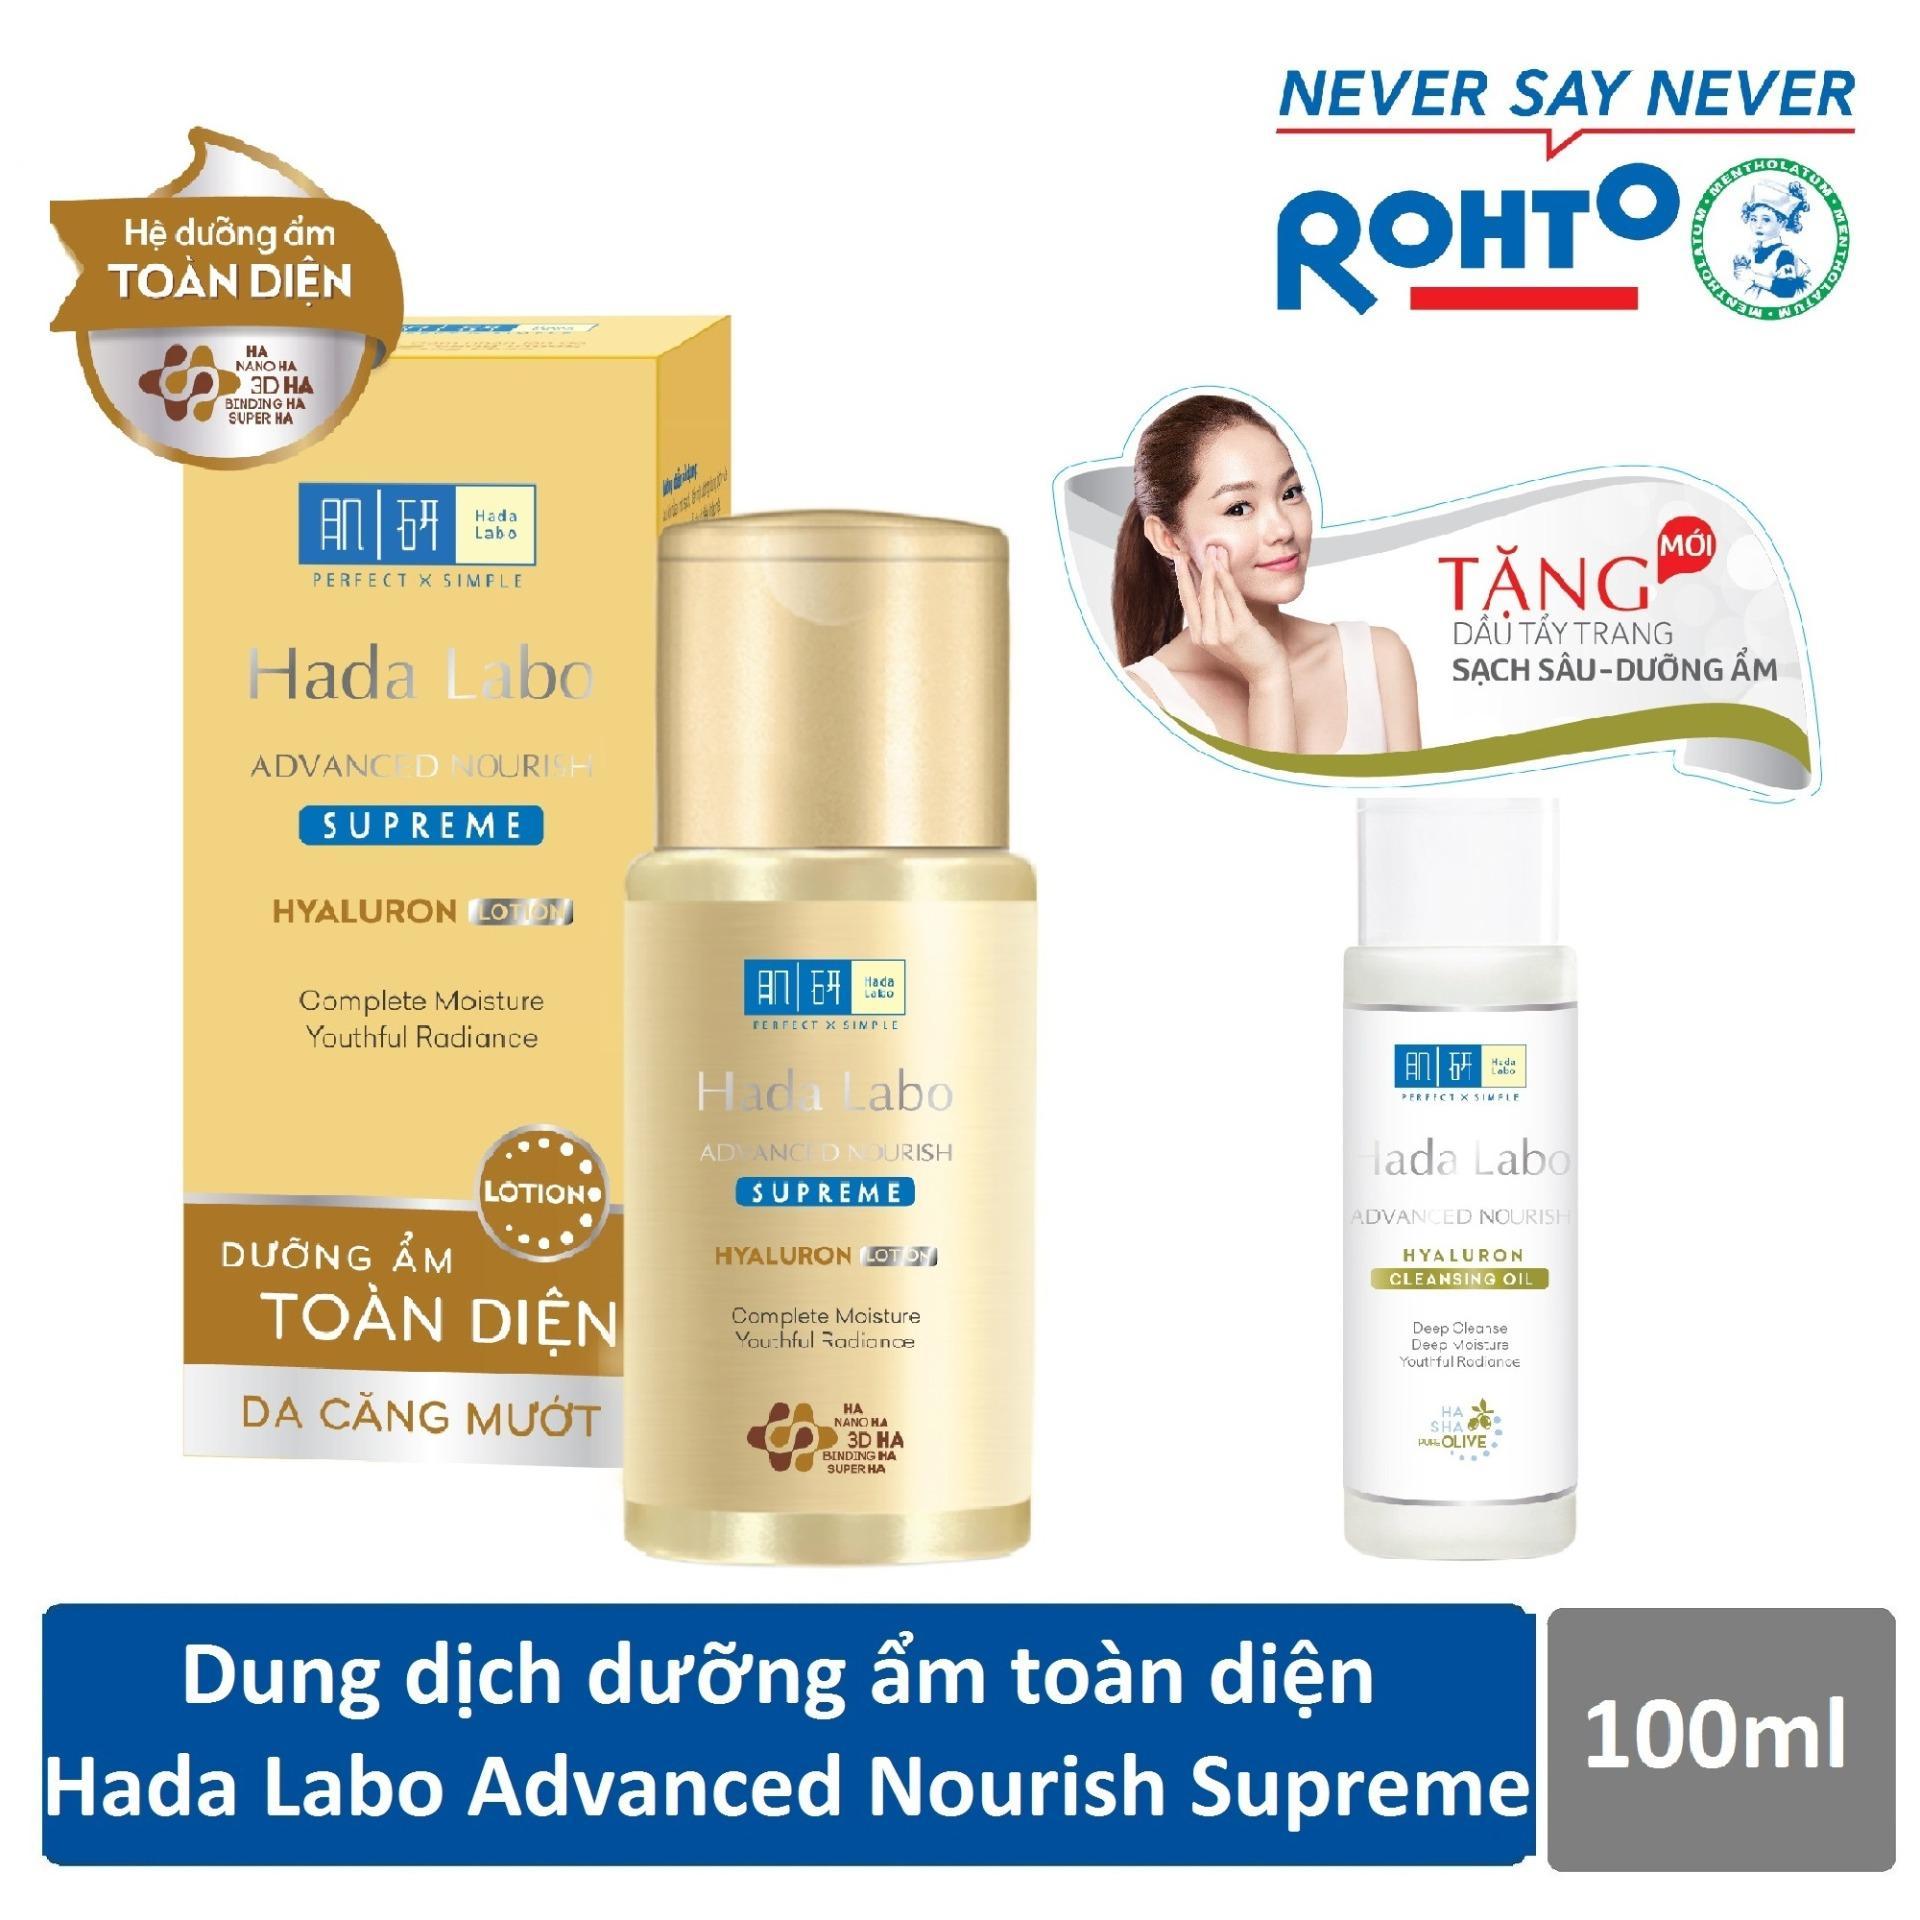 Dung dịch dưỡng ẩm toàn diện Hada Labo Advanced Nourish Supreme Hyaluron Lotion 100ml + Tặng Dầu tẩy trang Hada Labo 40ml nhập khẩu